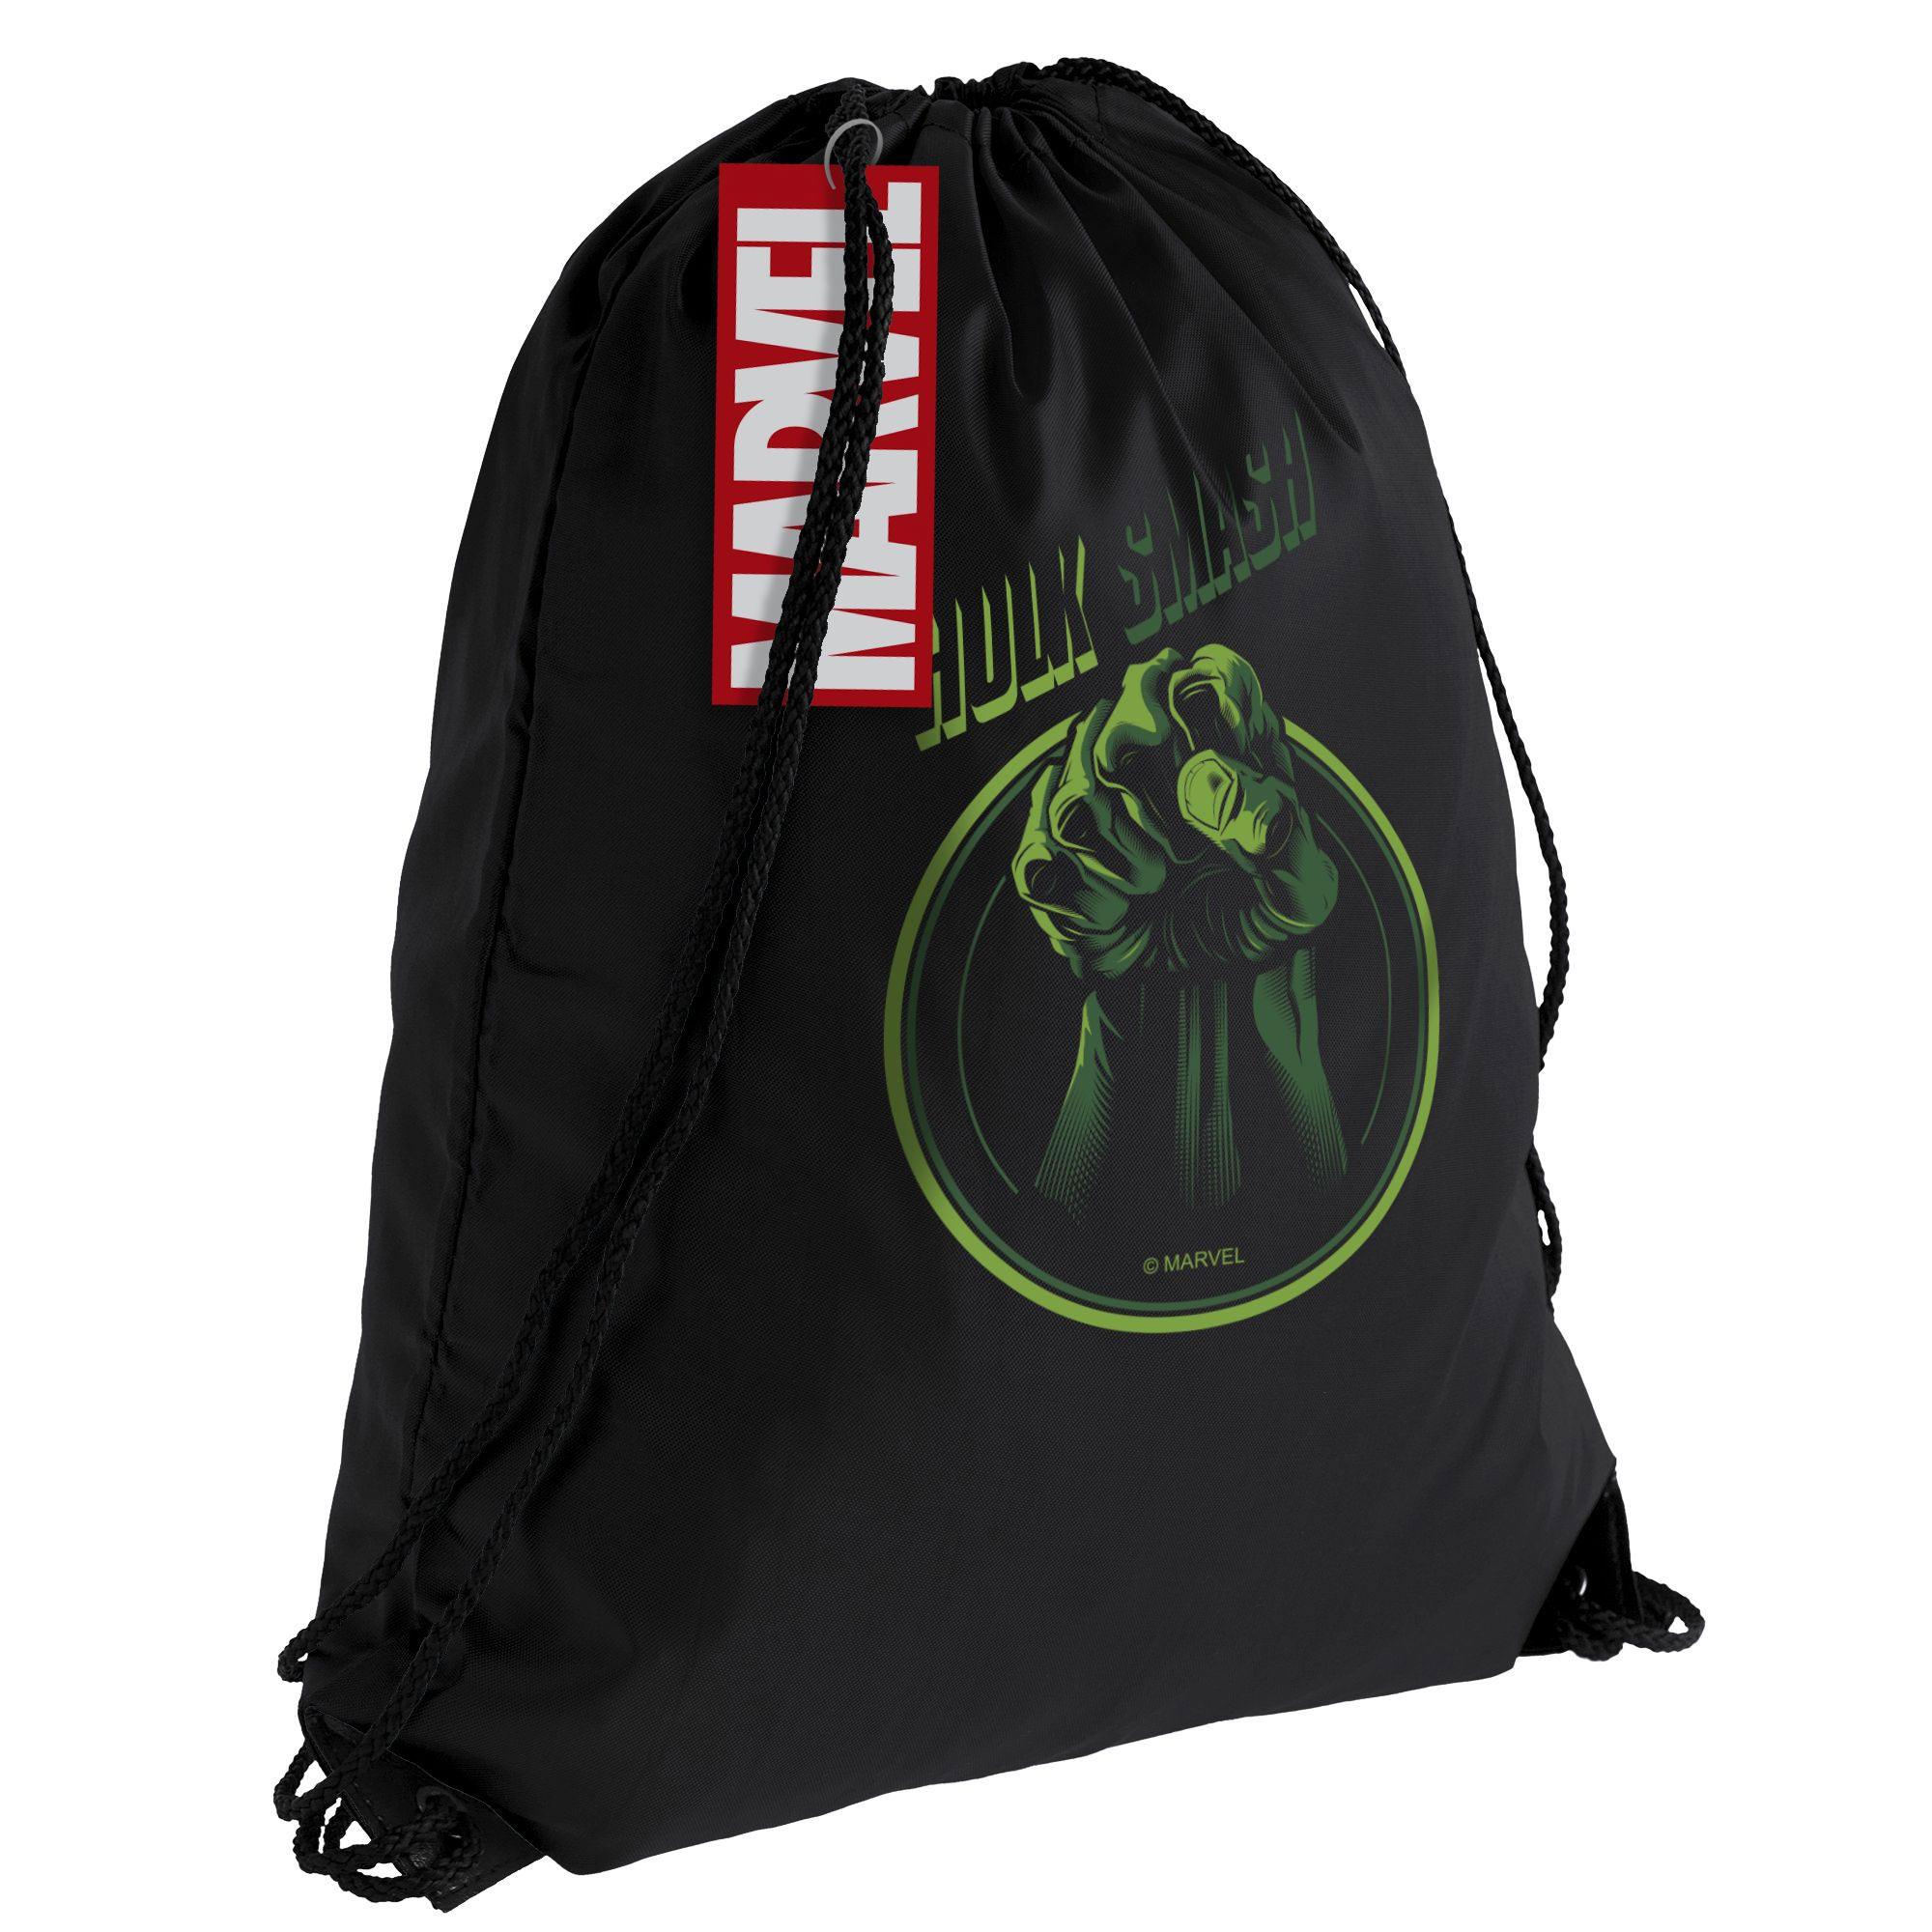 Рюкзак / мешок для сменки Hulk Smash, черный арт55520.30